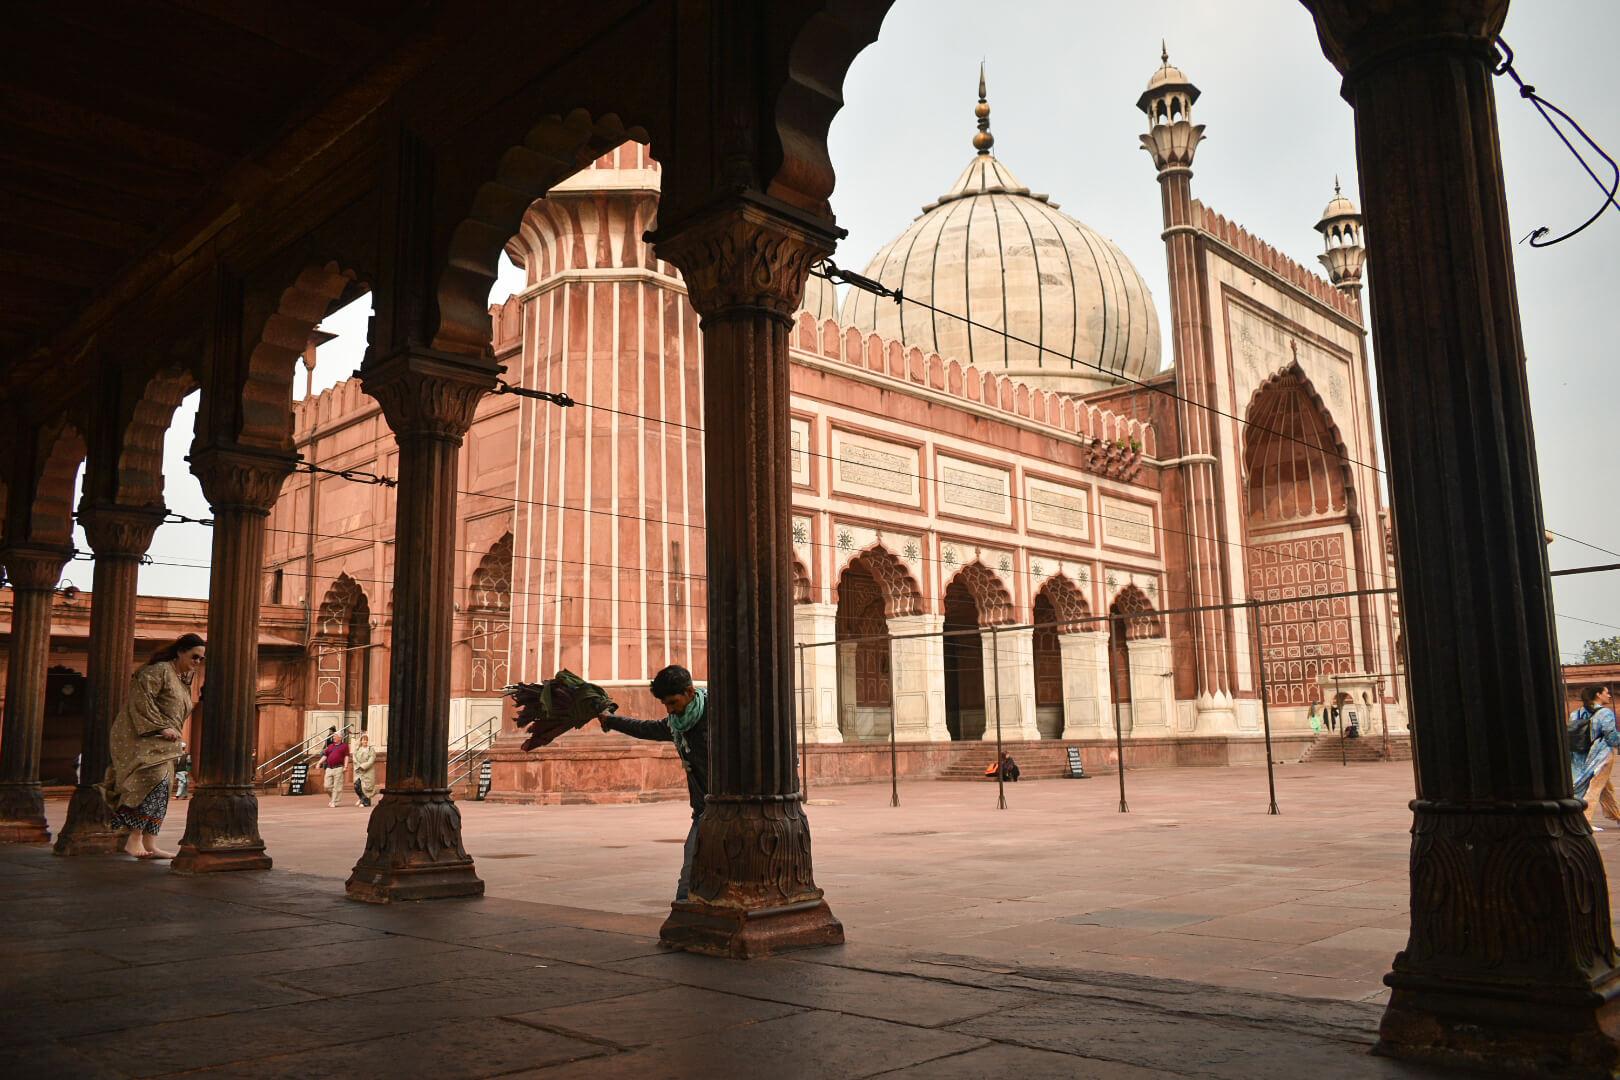 The biggest mosque - jama masjid of delhi